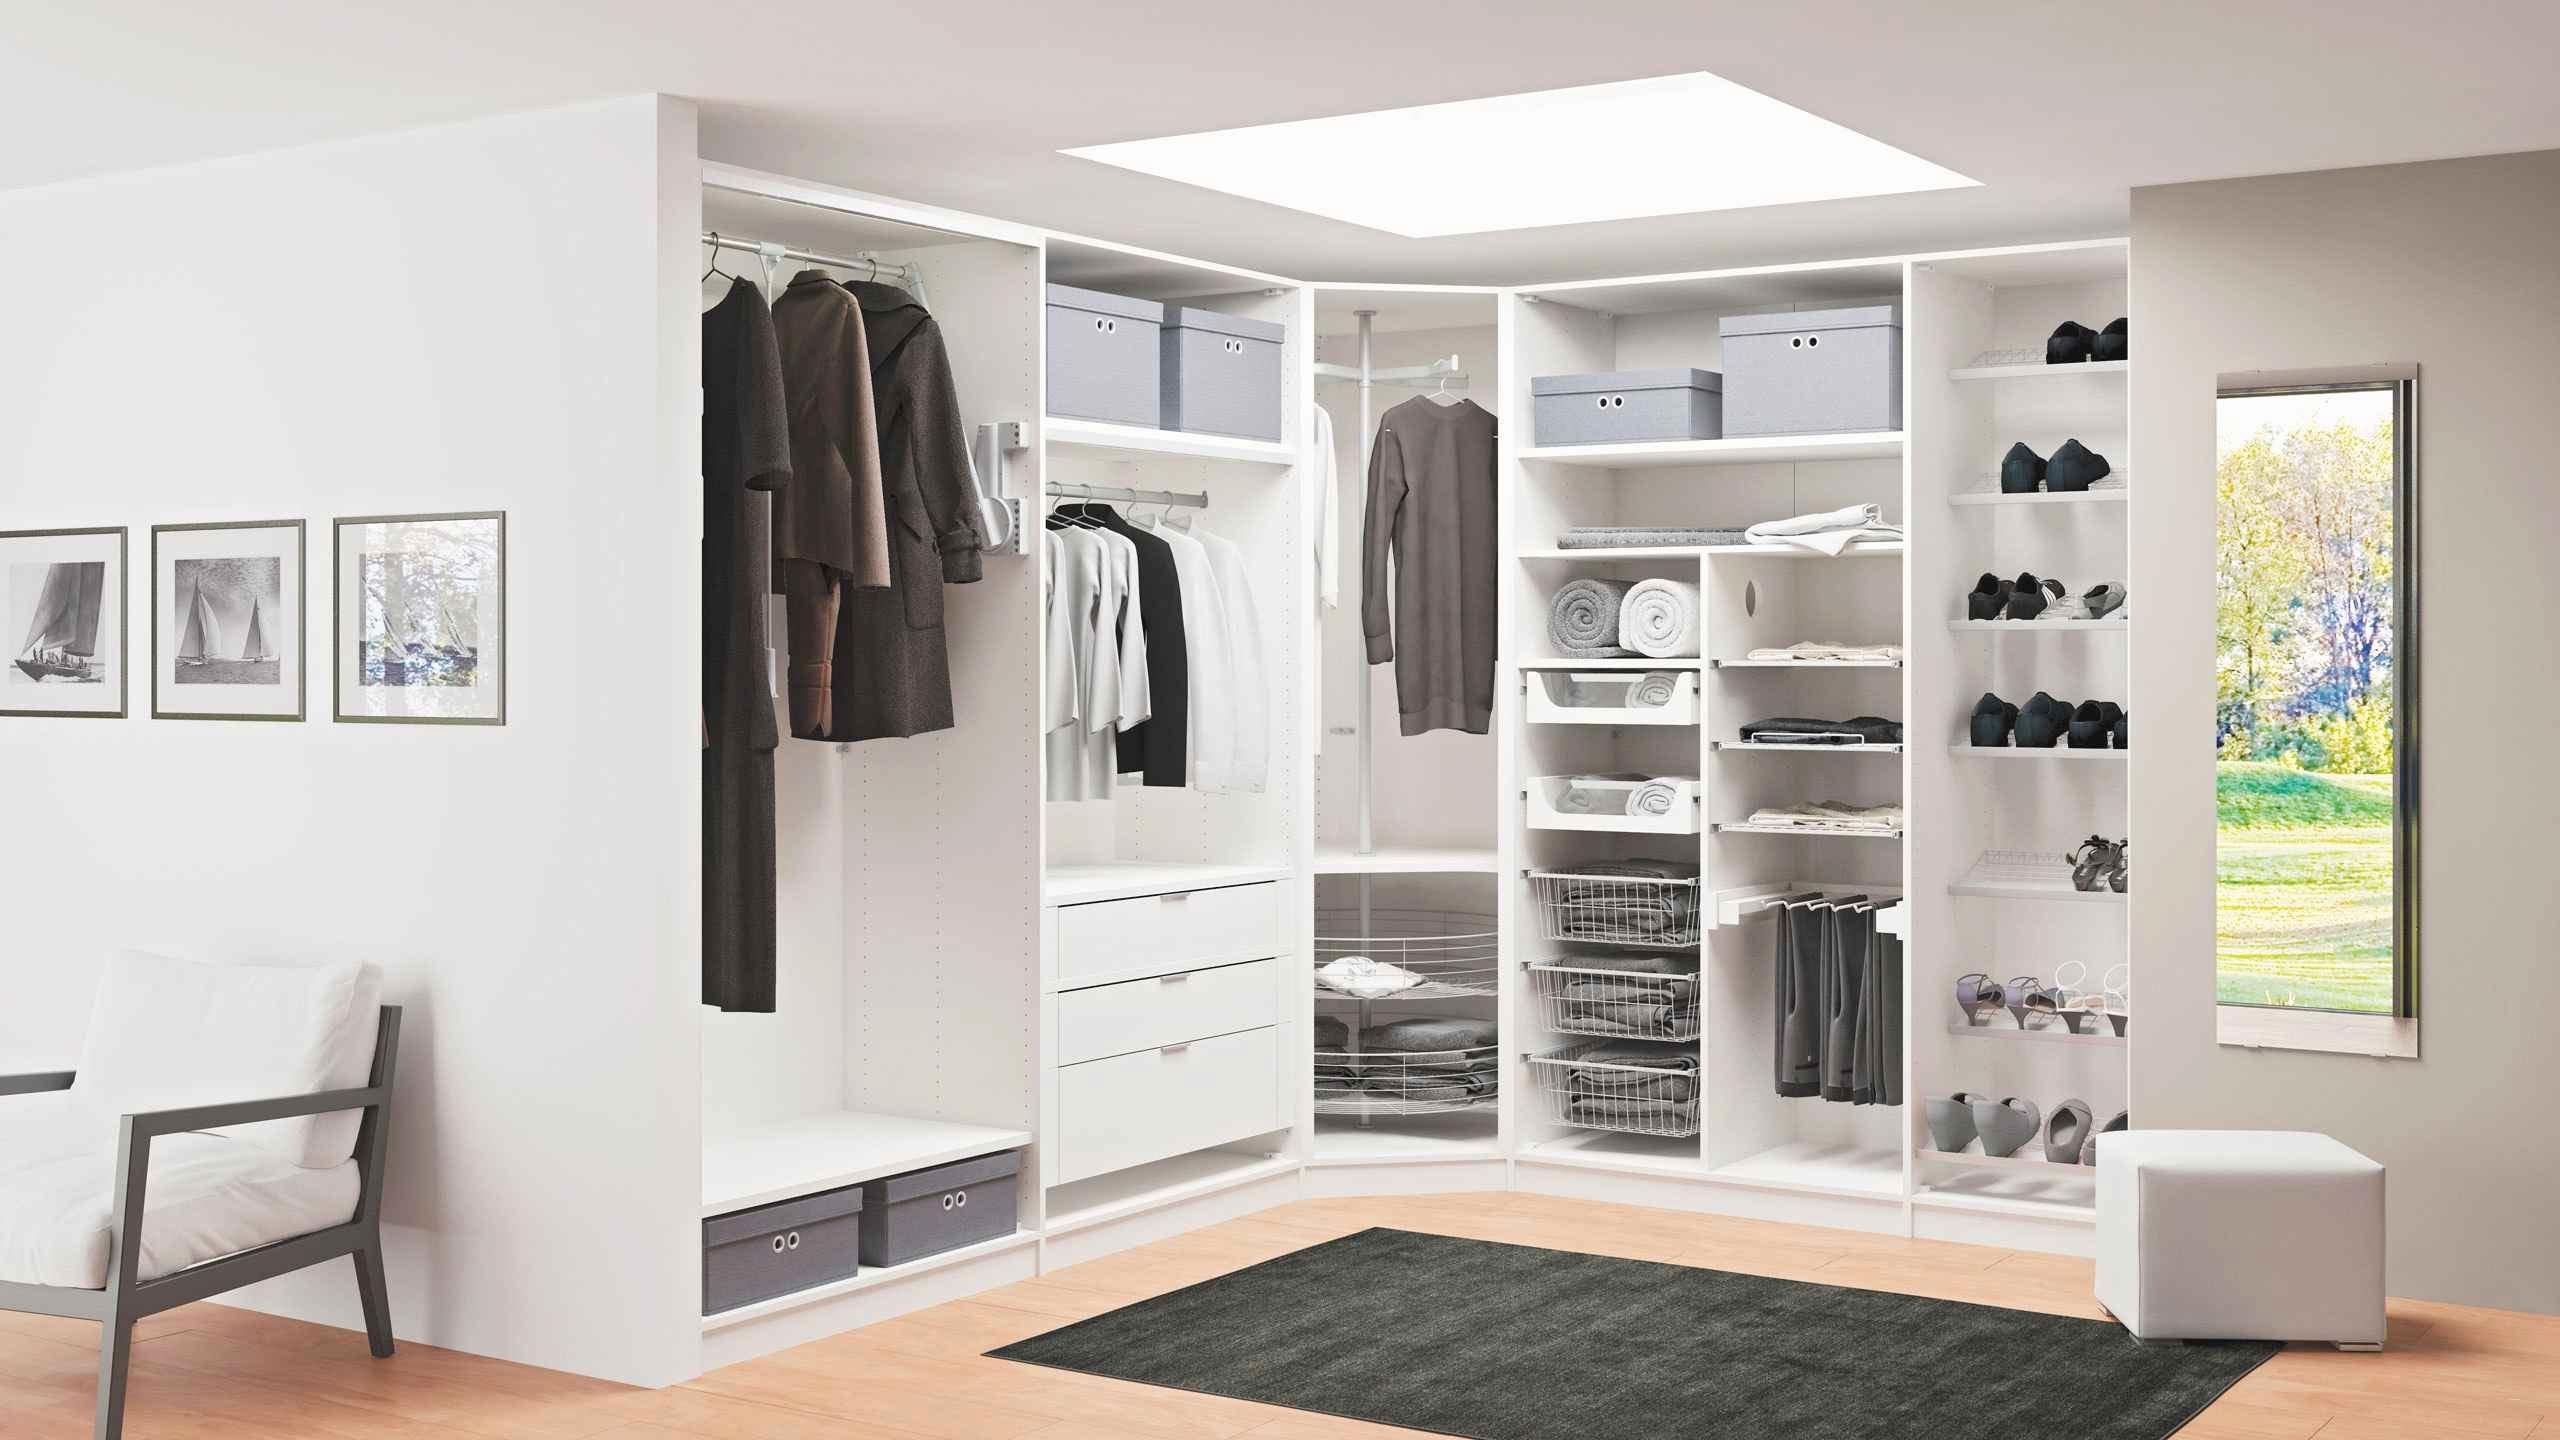 Full Size of 28 Luxus Lager Von Kleiderschrank Schrge Ikea Regal Für Dachschräge Unterschrank Bad Holz Spiegelschrank Badezimmer Hängeschrank Hochschrank Weiß Bett Wohnzimmer Schrank Dachschräge Hinten Ikea